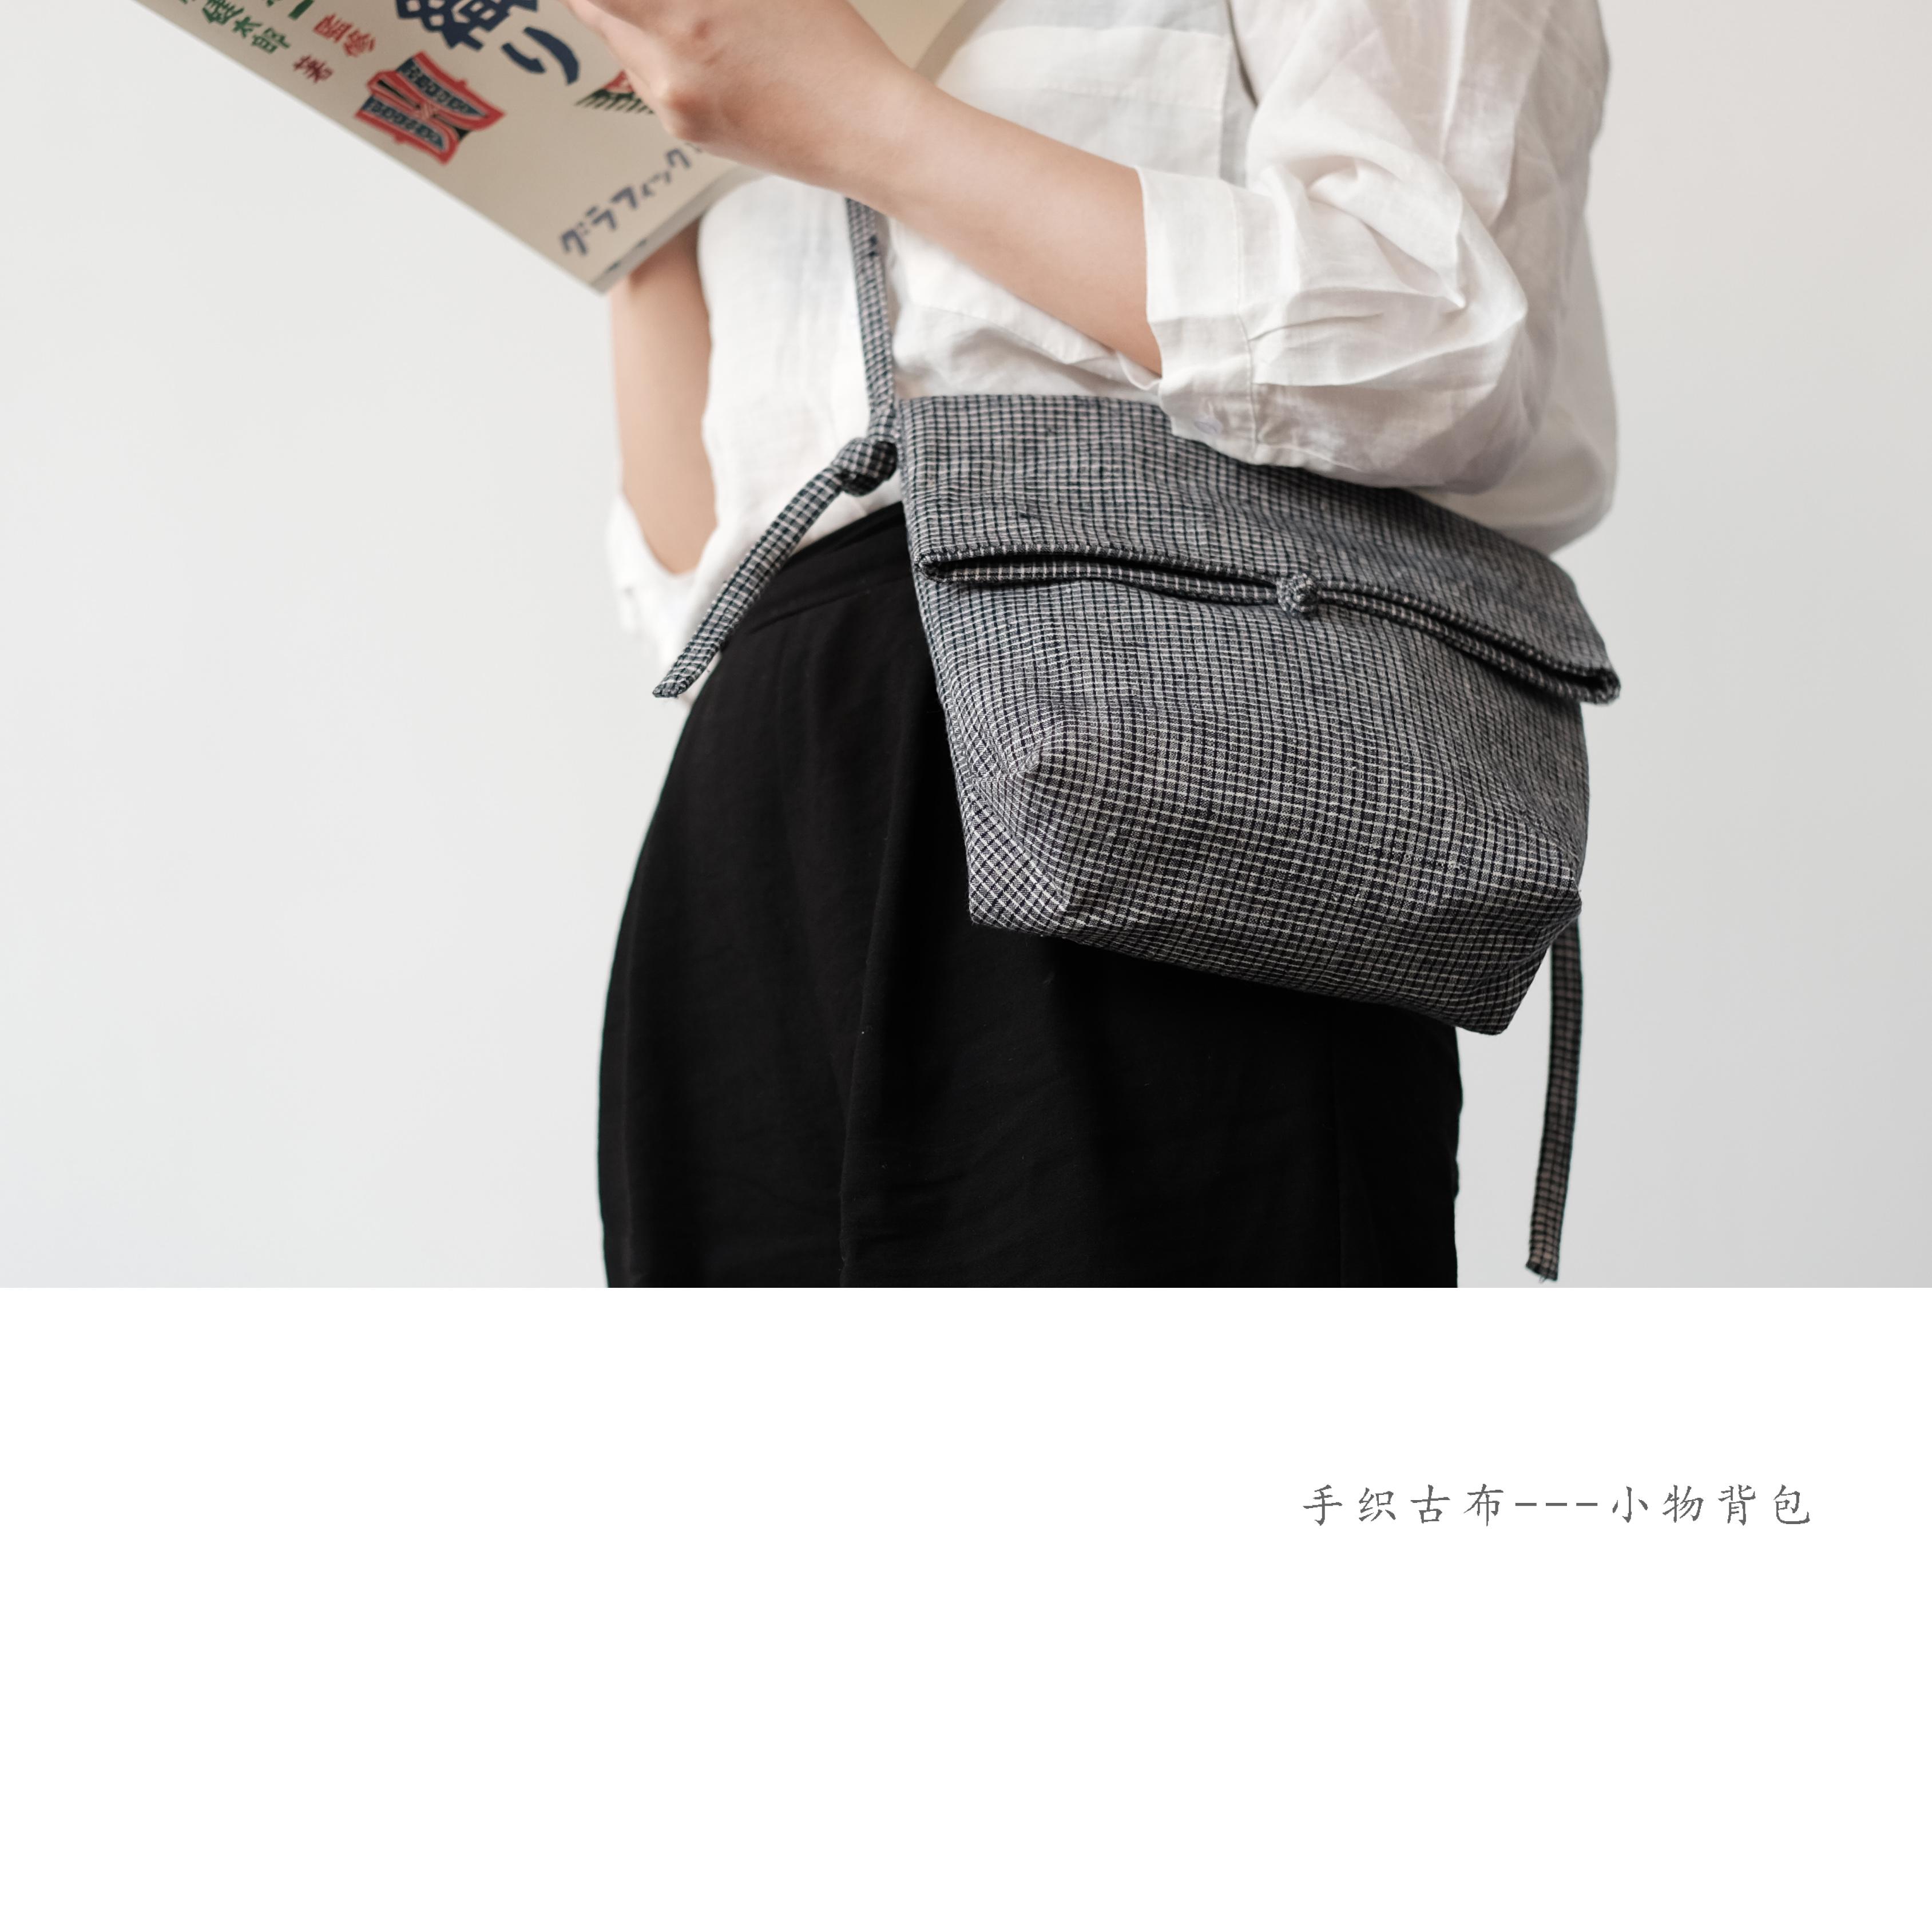 手织老布古布小物行囊袋斜挎布包